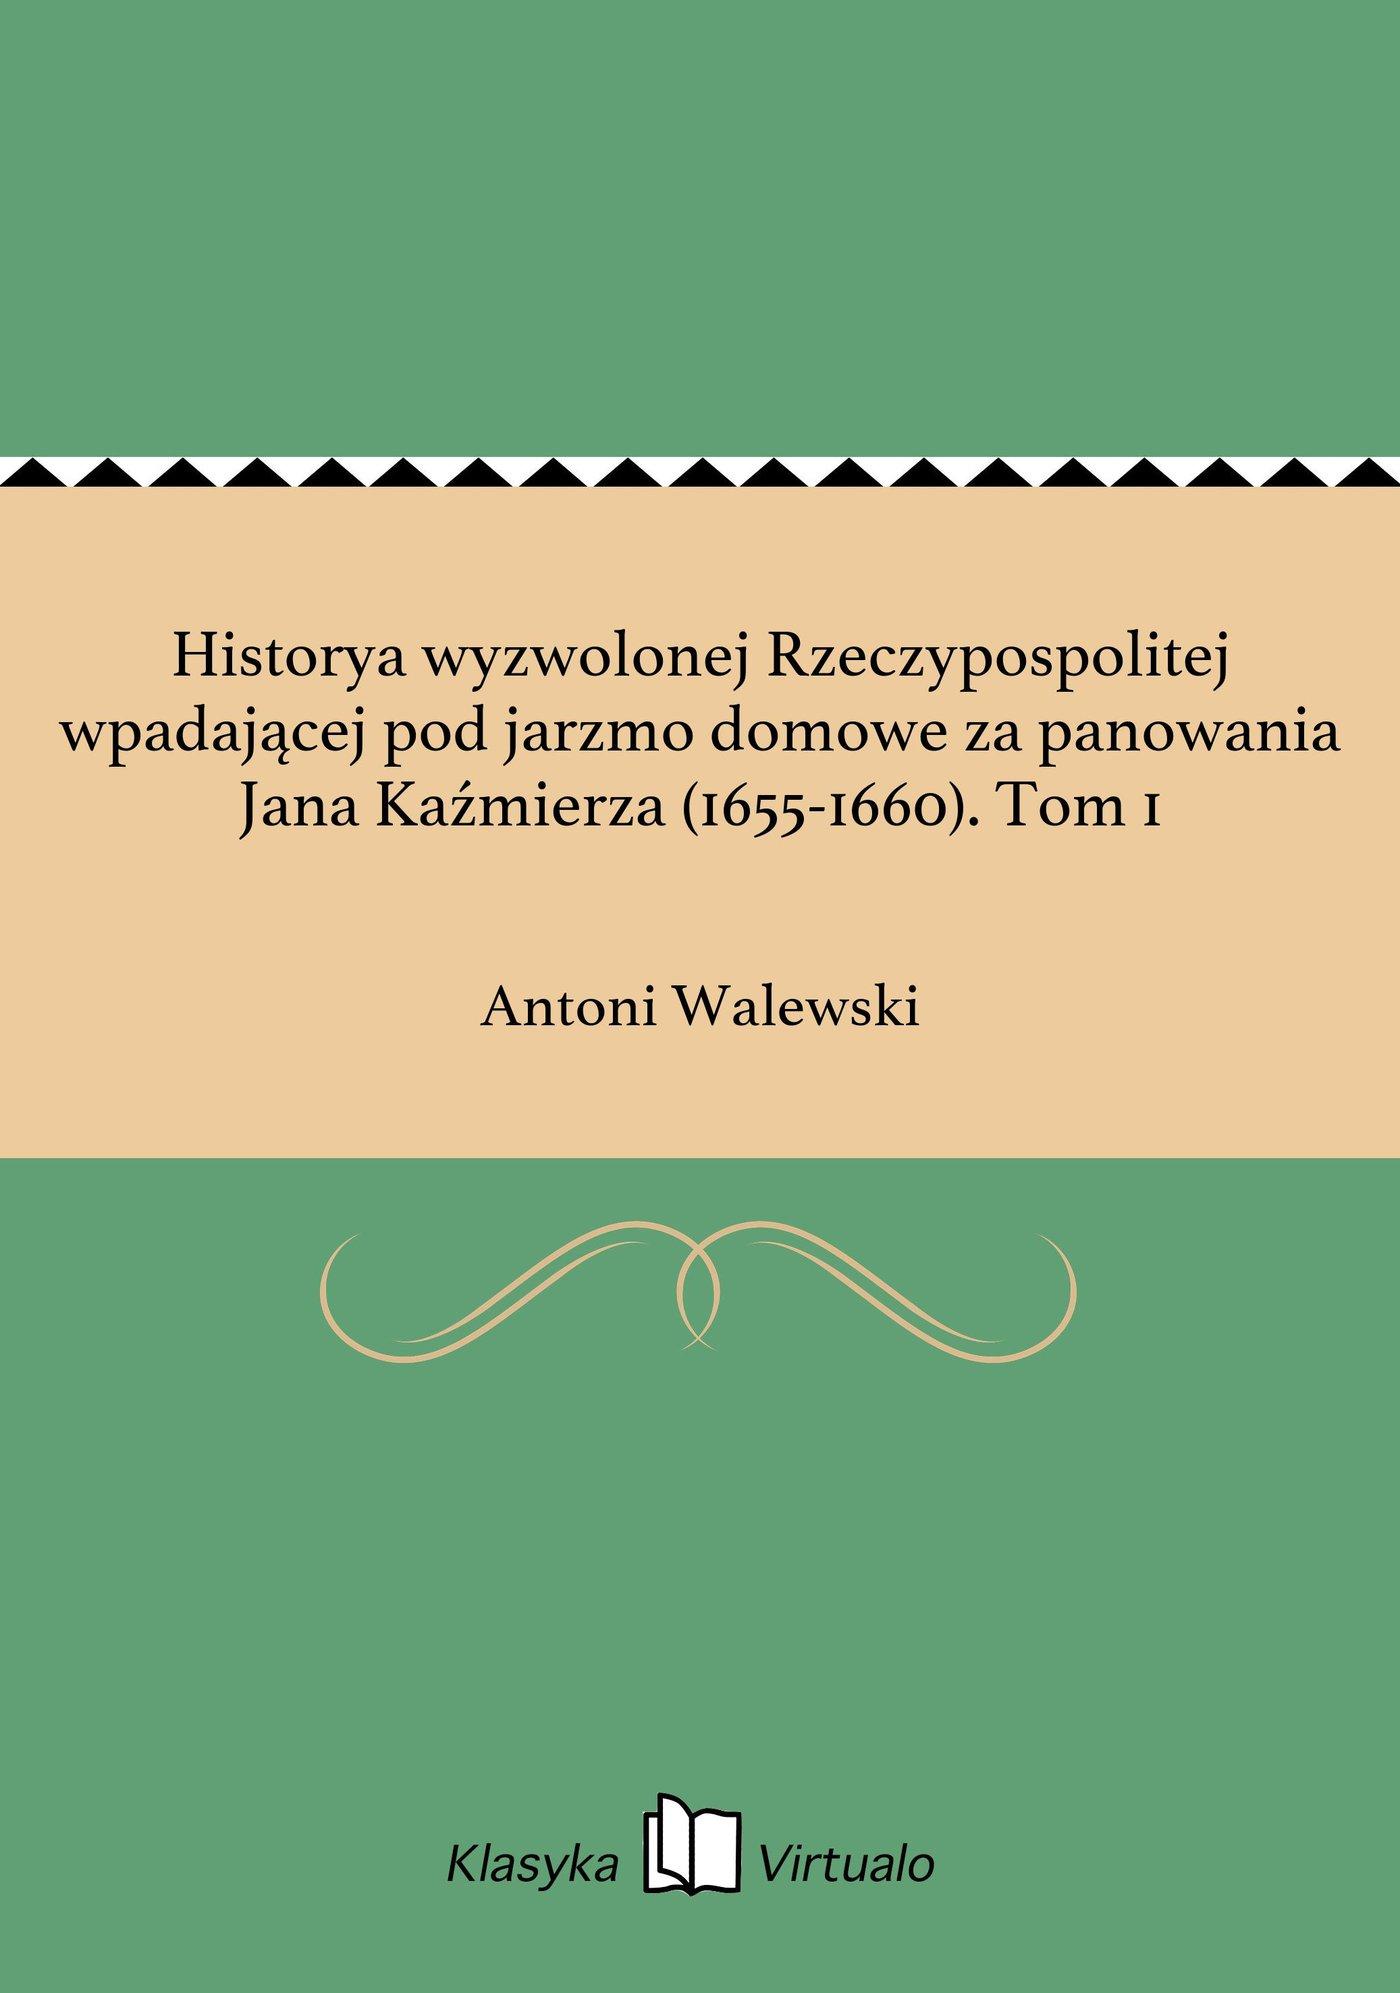 Historya wyzwolonej Rzeczypospolitej wpadającej pod jarzmo domowe za panowania Jana Kaźmierza (1655-1660). Tom 1 - Ebook (Książka EPUB) do pobrania w formacie EPUB